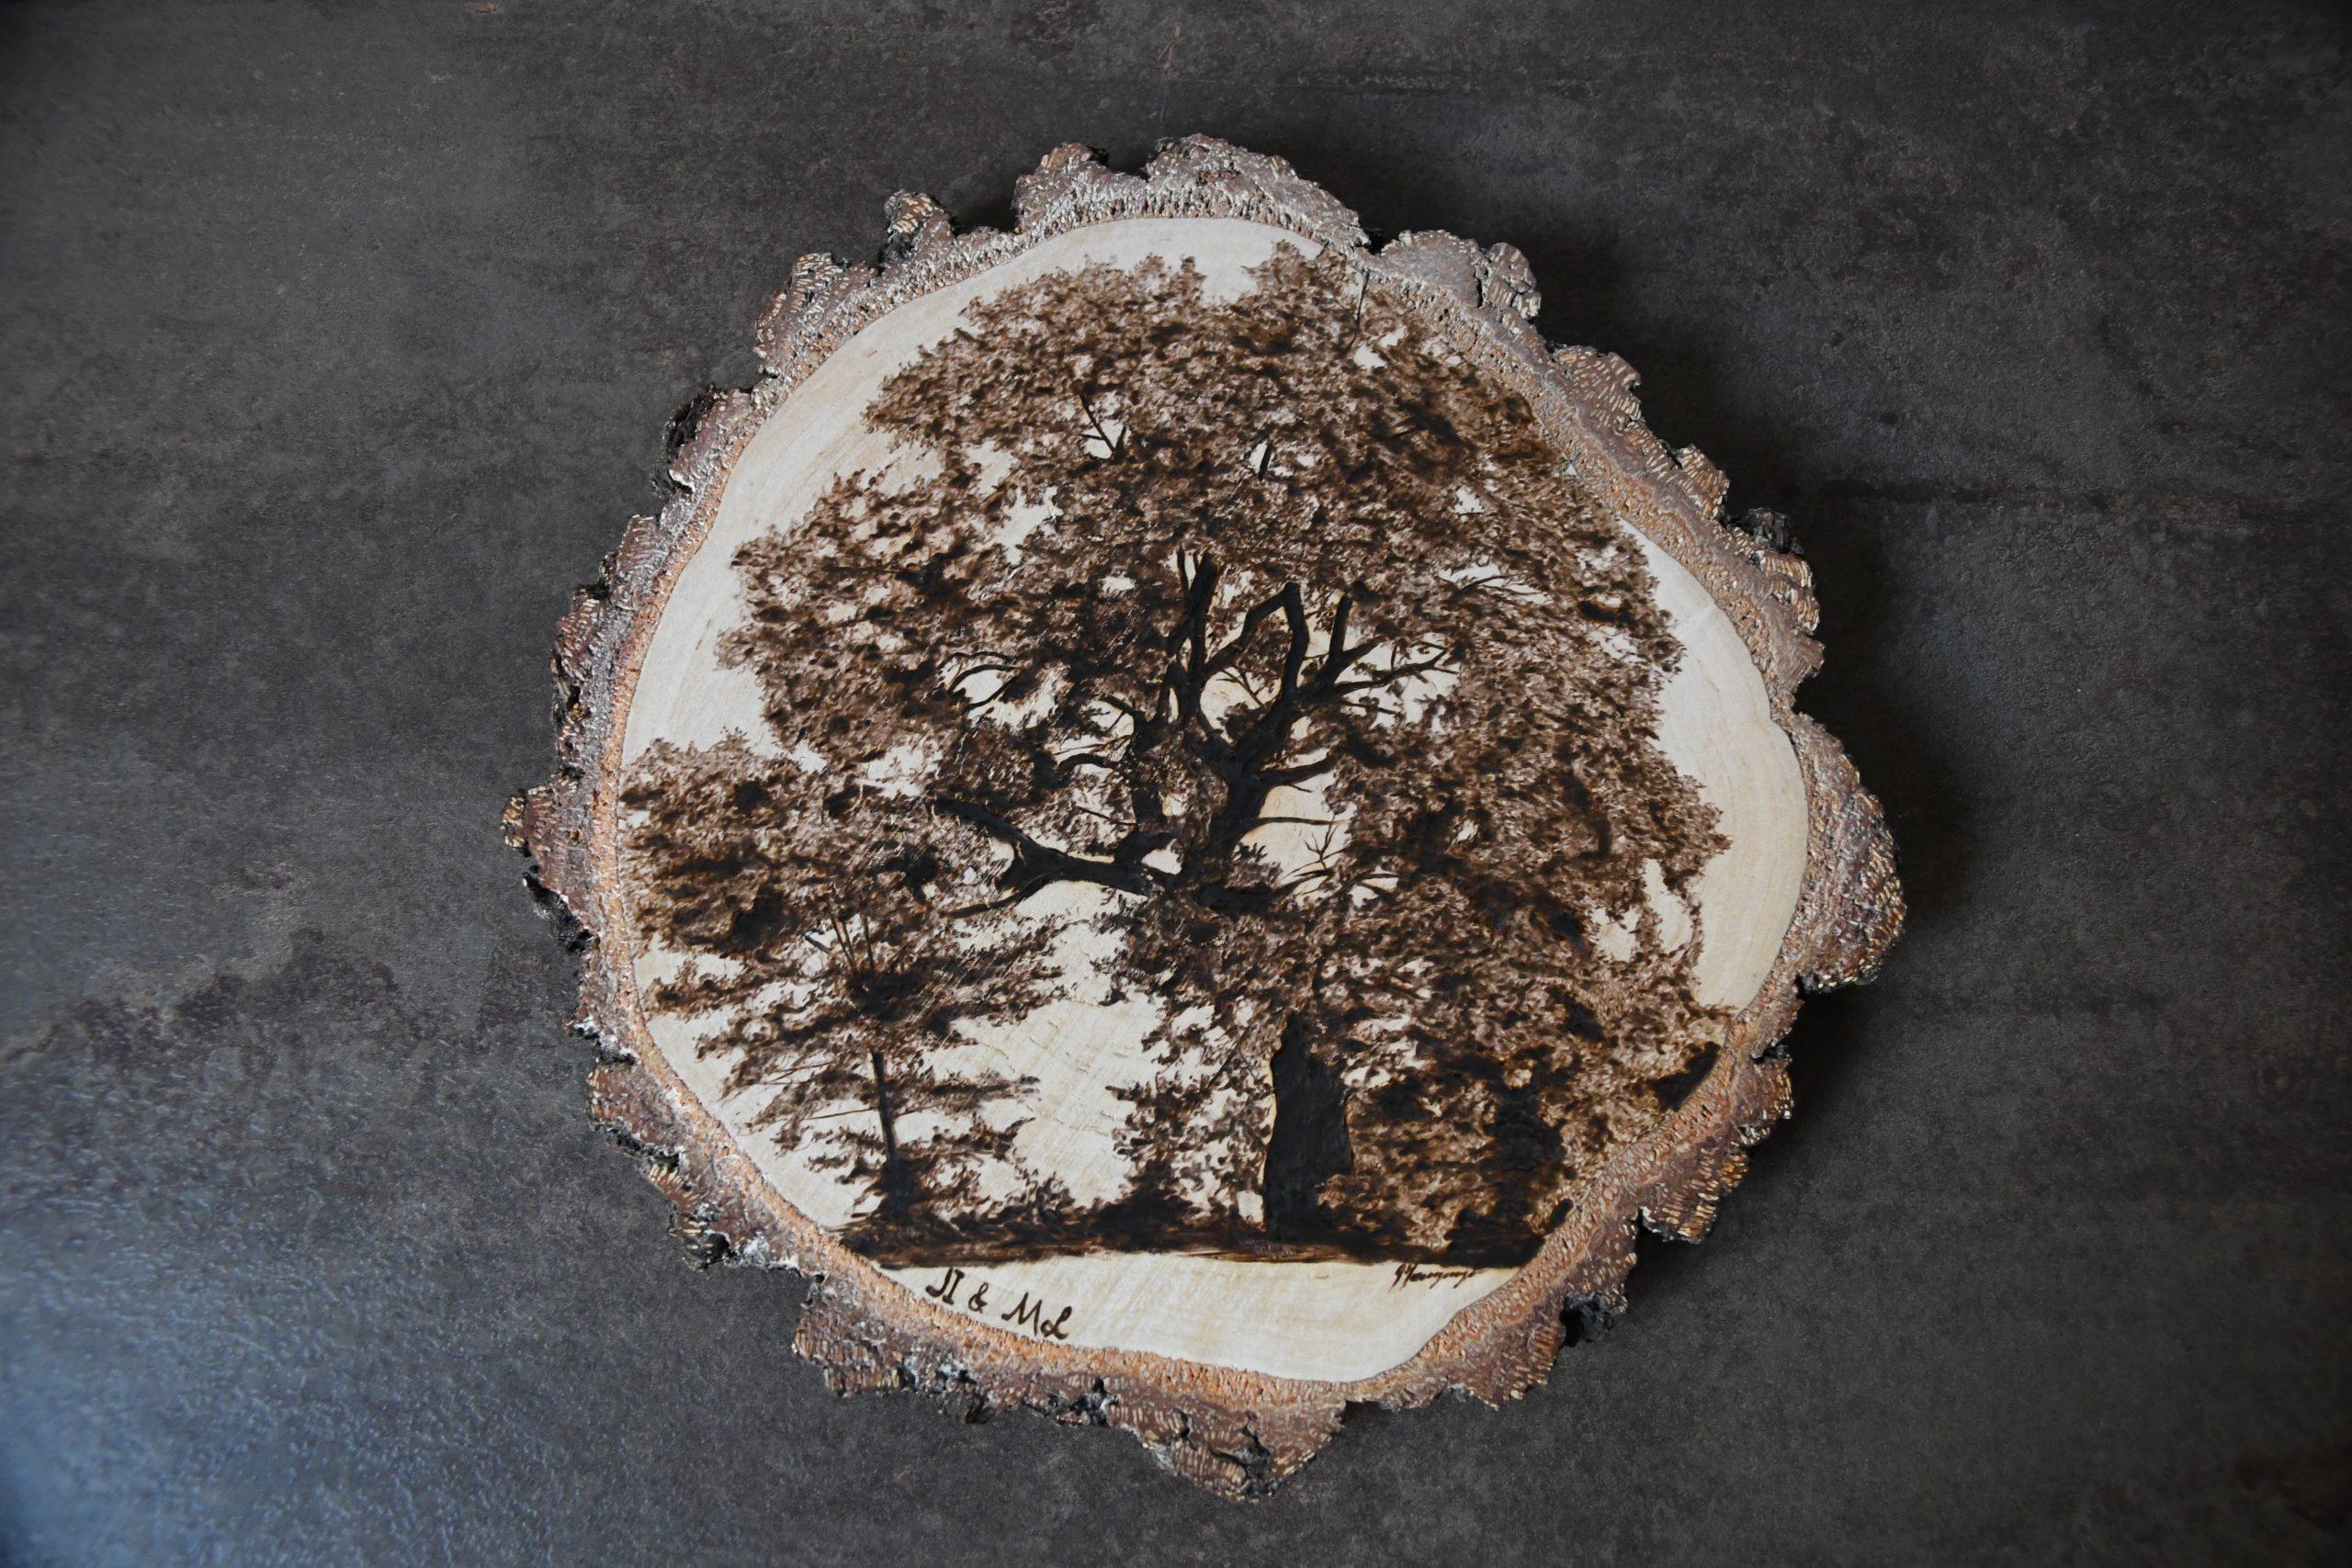 wypalanie w drewnie, sylwia, pirografia, janczyszyn, pyrography, handmade, rękodzieło, pomysł na prezent, pamiątka, drzewo